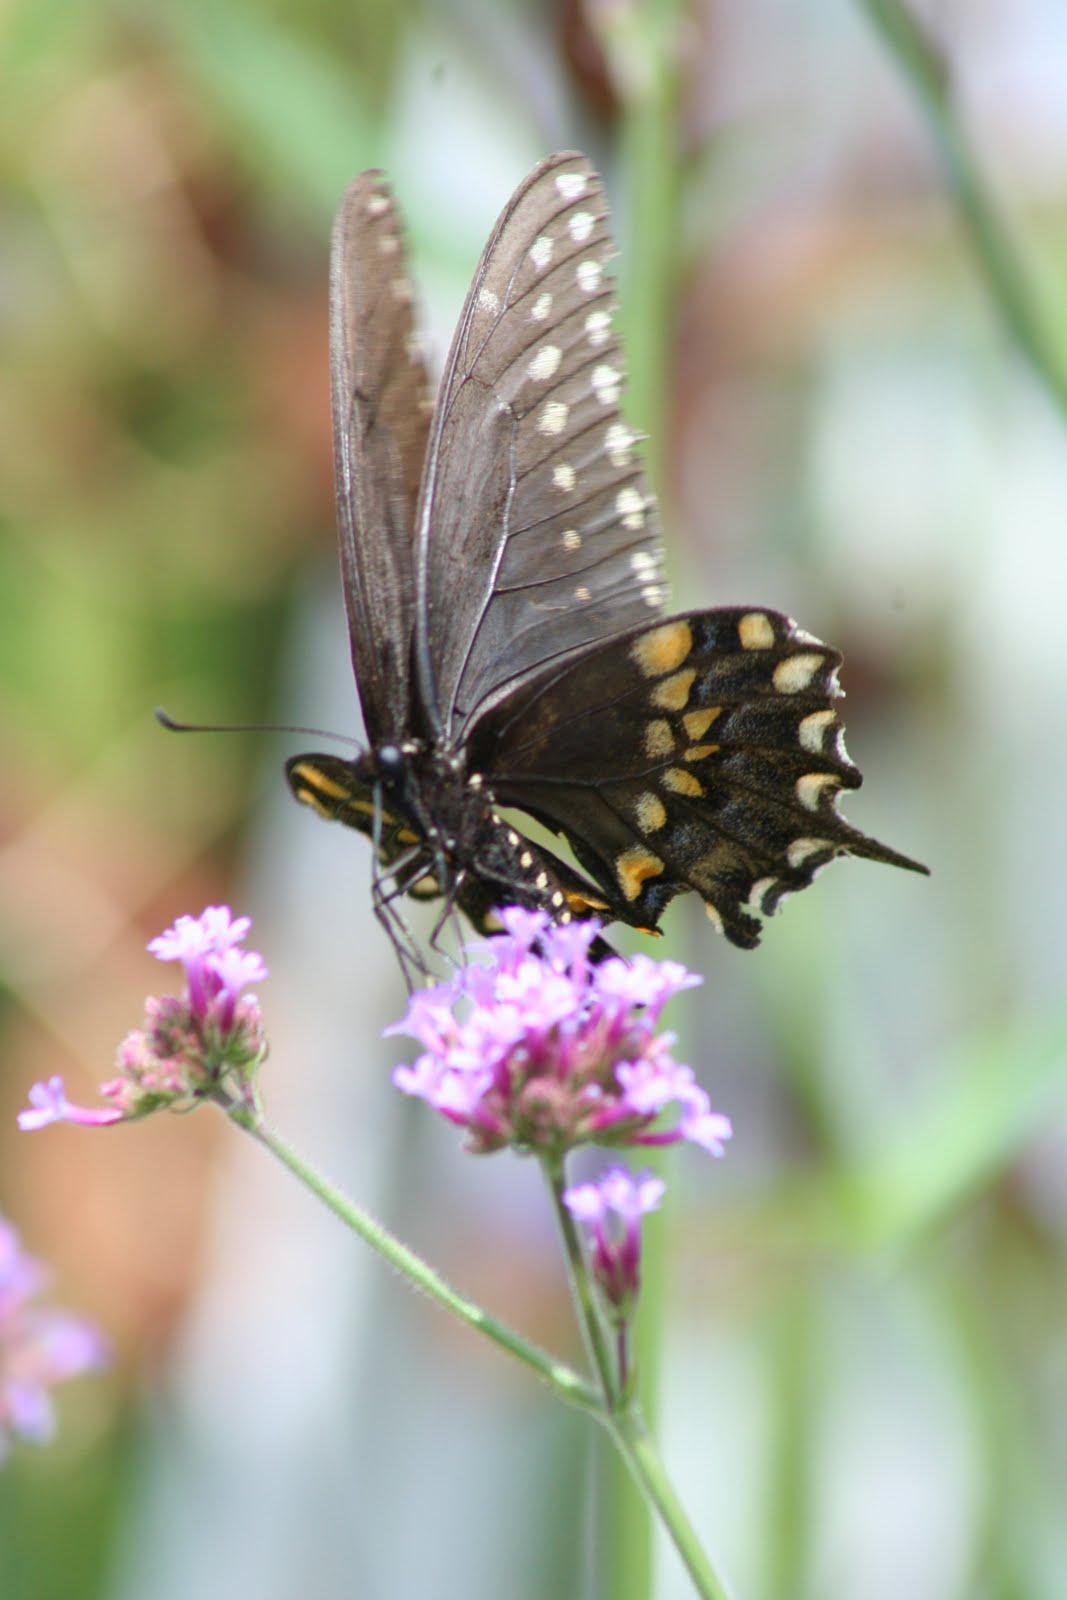 Via Joy How to attract butterflies